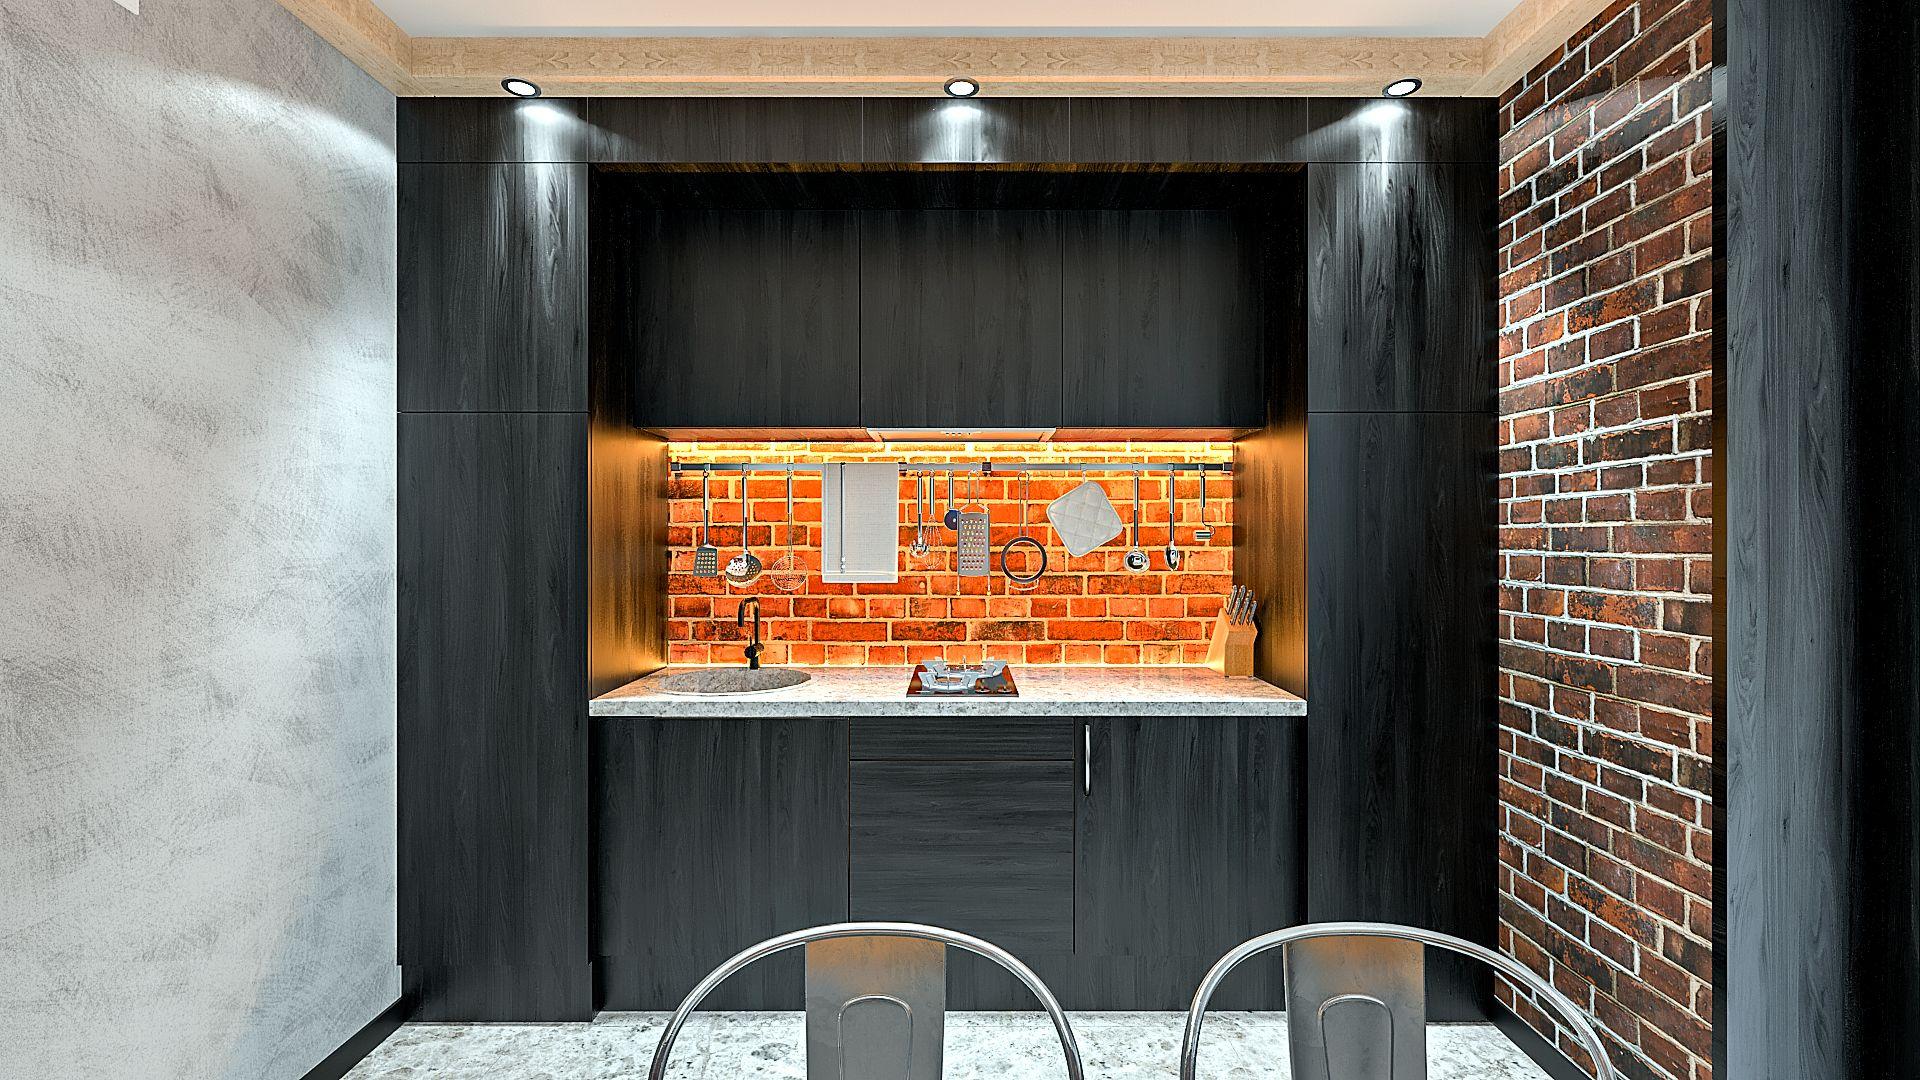 Дизайн однокомнатной квартиры в Гомеле, Гостиная - спальня в стиле лофт в квартире изображение 9, темная кухня, кирпич фартук кухни с подсветкой теплого освещения, компактный кухонный гарнитур в стиле лофт, балки с подсветкой